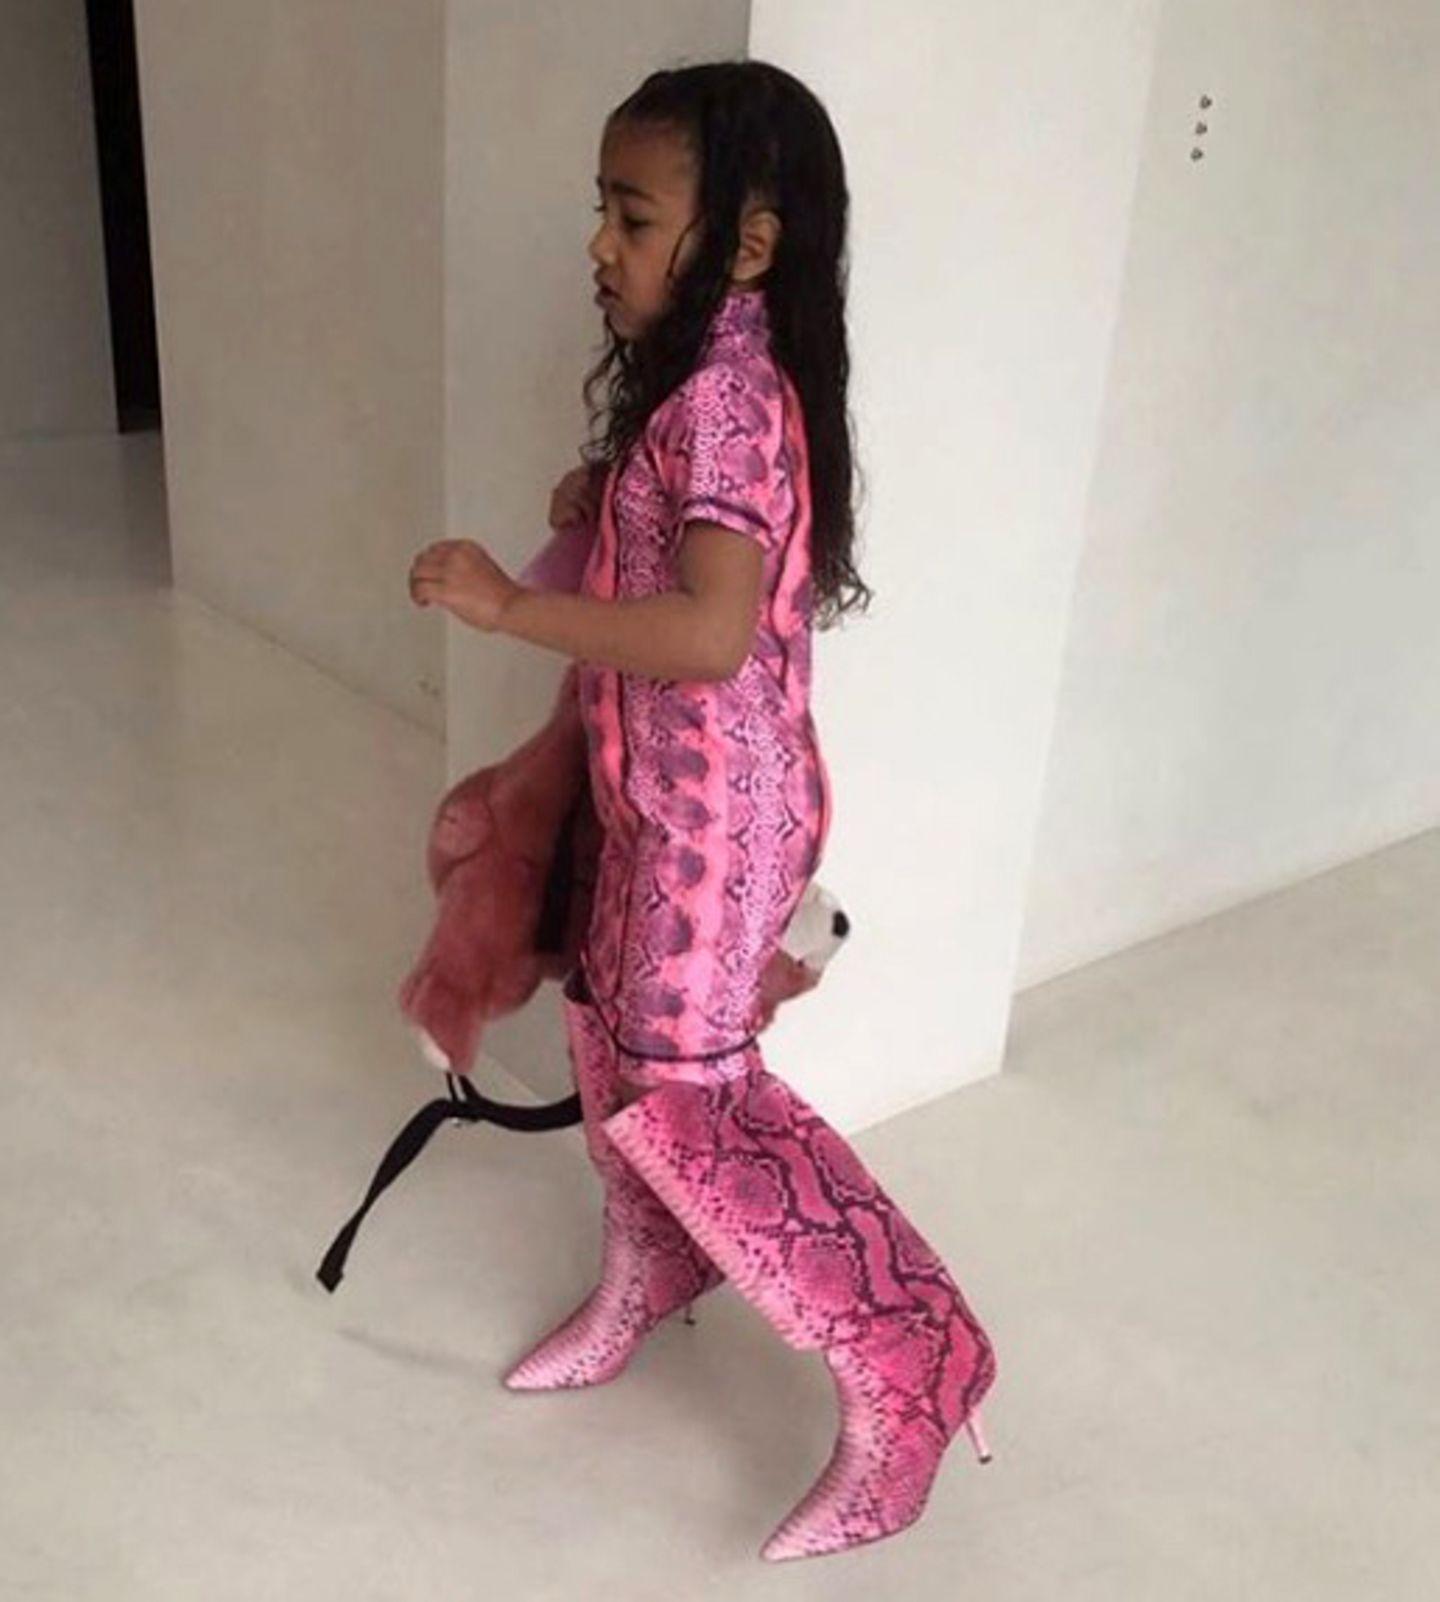 """Denn North West stolziert mit pinkfarbenen Stiefeln der """"Yeezy""""-Kollektion für rund 691 Euro durch die eigenen vier Wände. Doch mit den7,5 Zentimeter hohen Schuhe verkleidet sich die 5-Jährige nicht nur, sie will am liebsten den ganzen Tag in den Boots aus Fake-Schlangenleder verbringen. Mama Kim schiebt dem einen Riegel vor – obgleich sich ihr kleiner Mode-Spross darüber tierisch aufregt."""